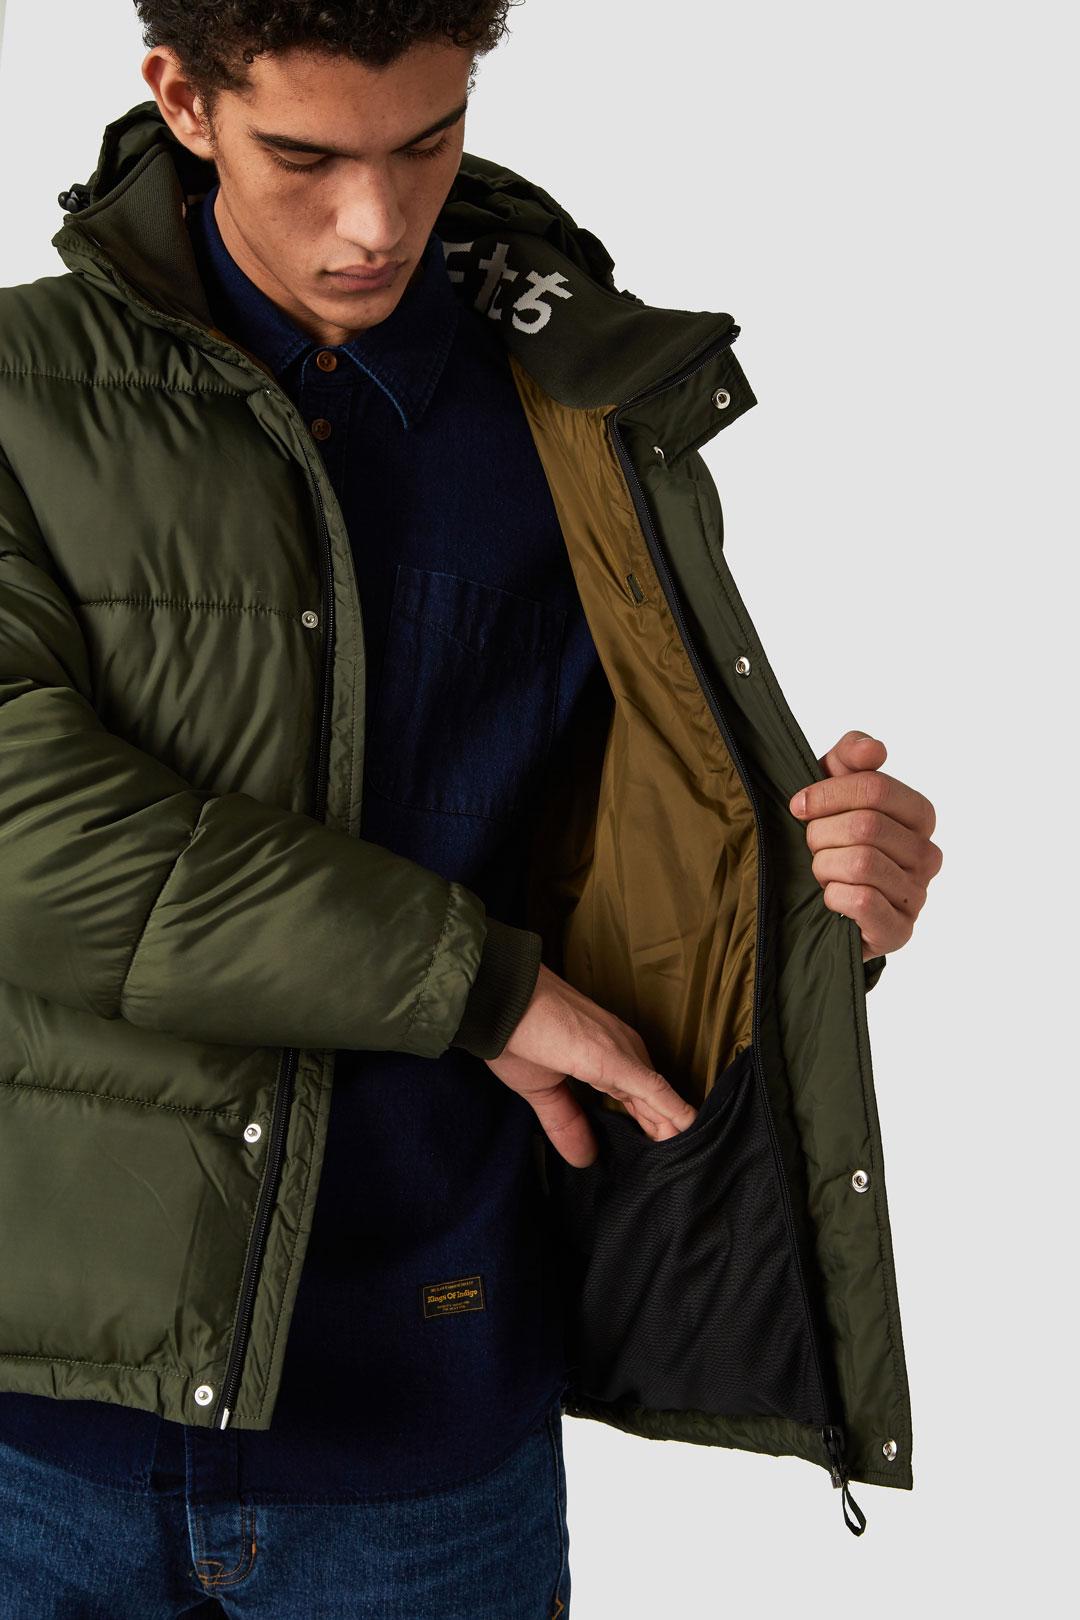 Vinterjacka tillverkad av 100% återvunnen polyester. Annei Military Green från Kings of indigo